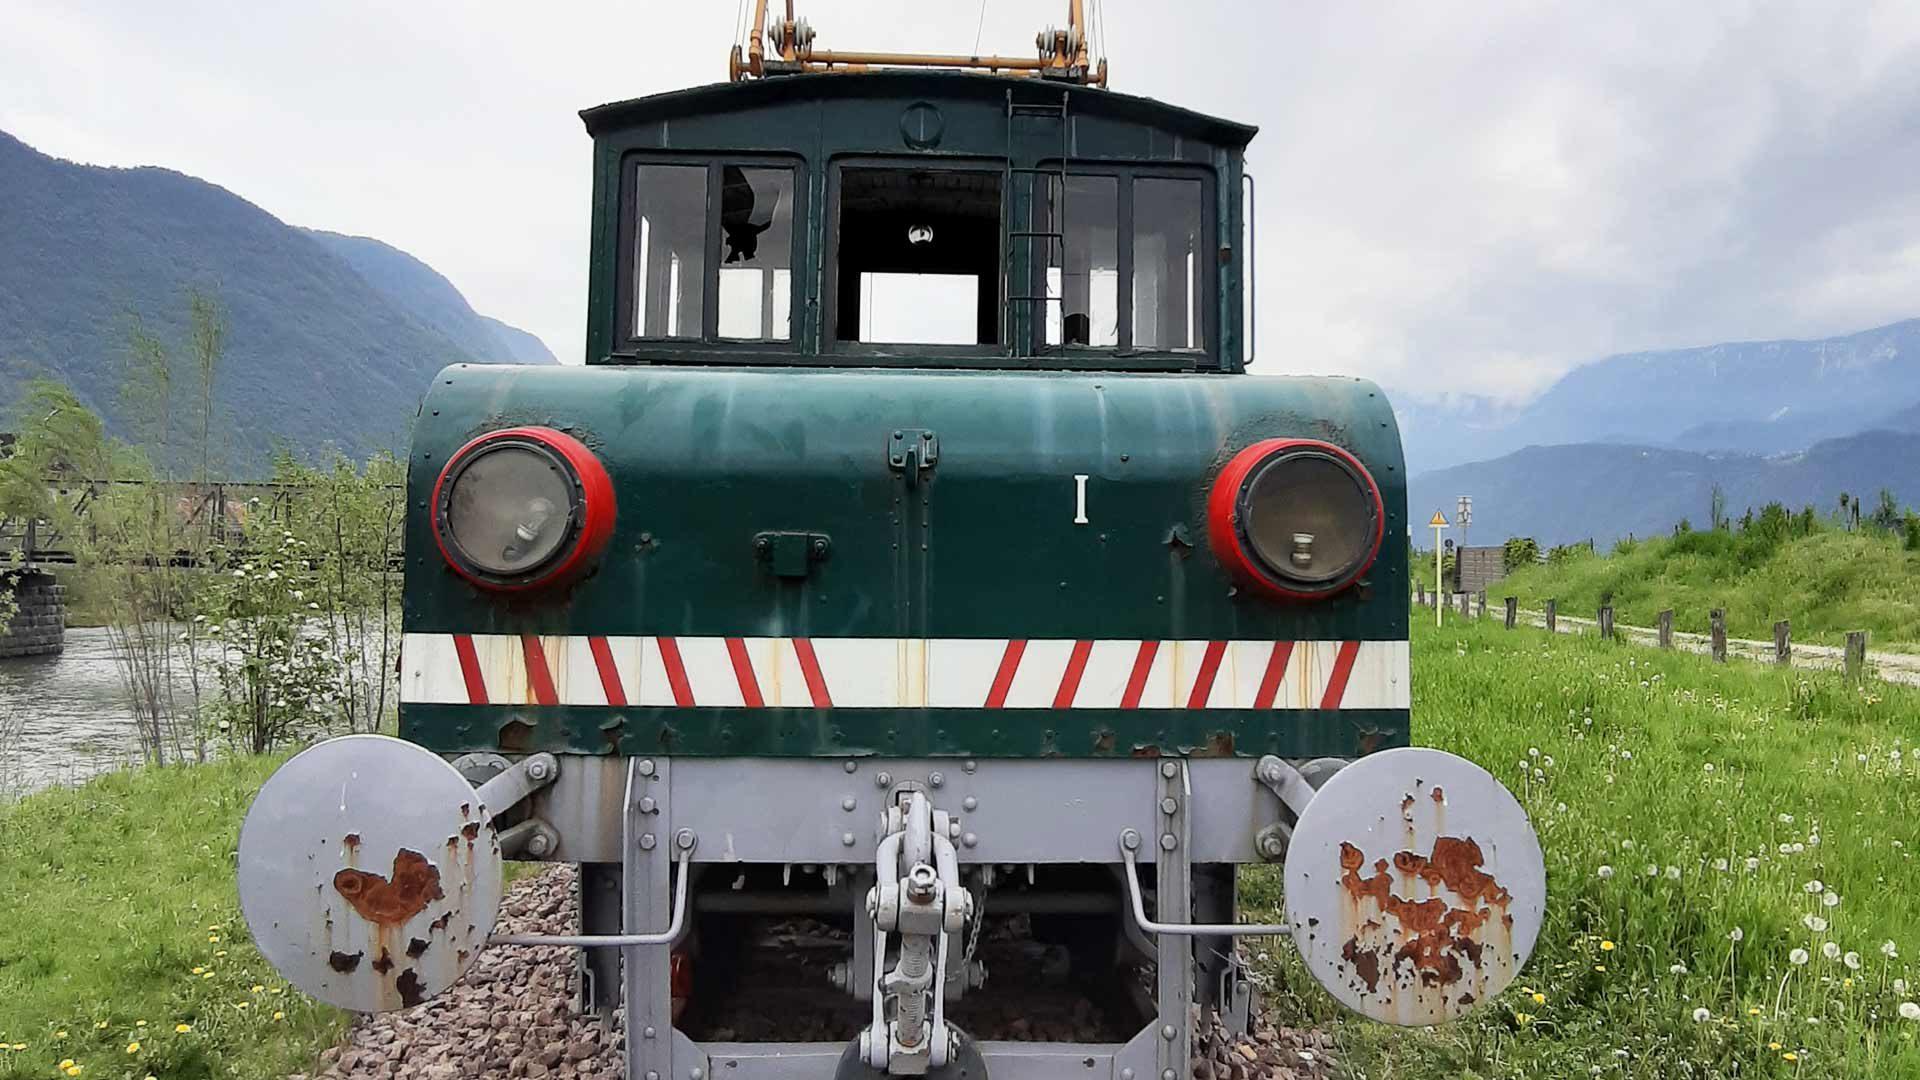 La locomotiva storica della ferrovia Lana-Postal